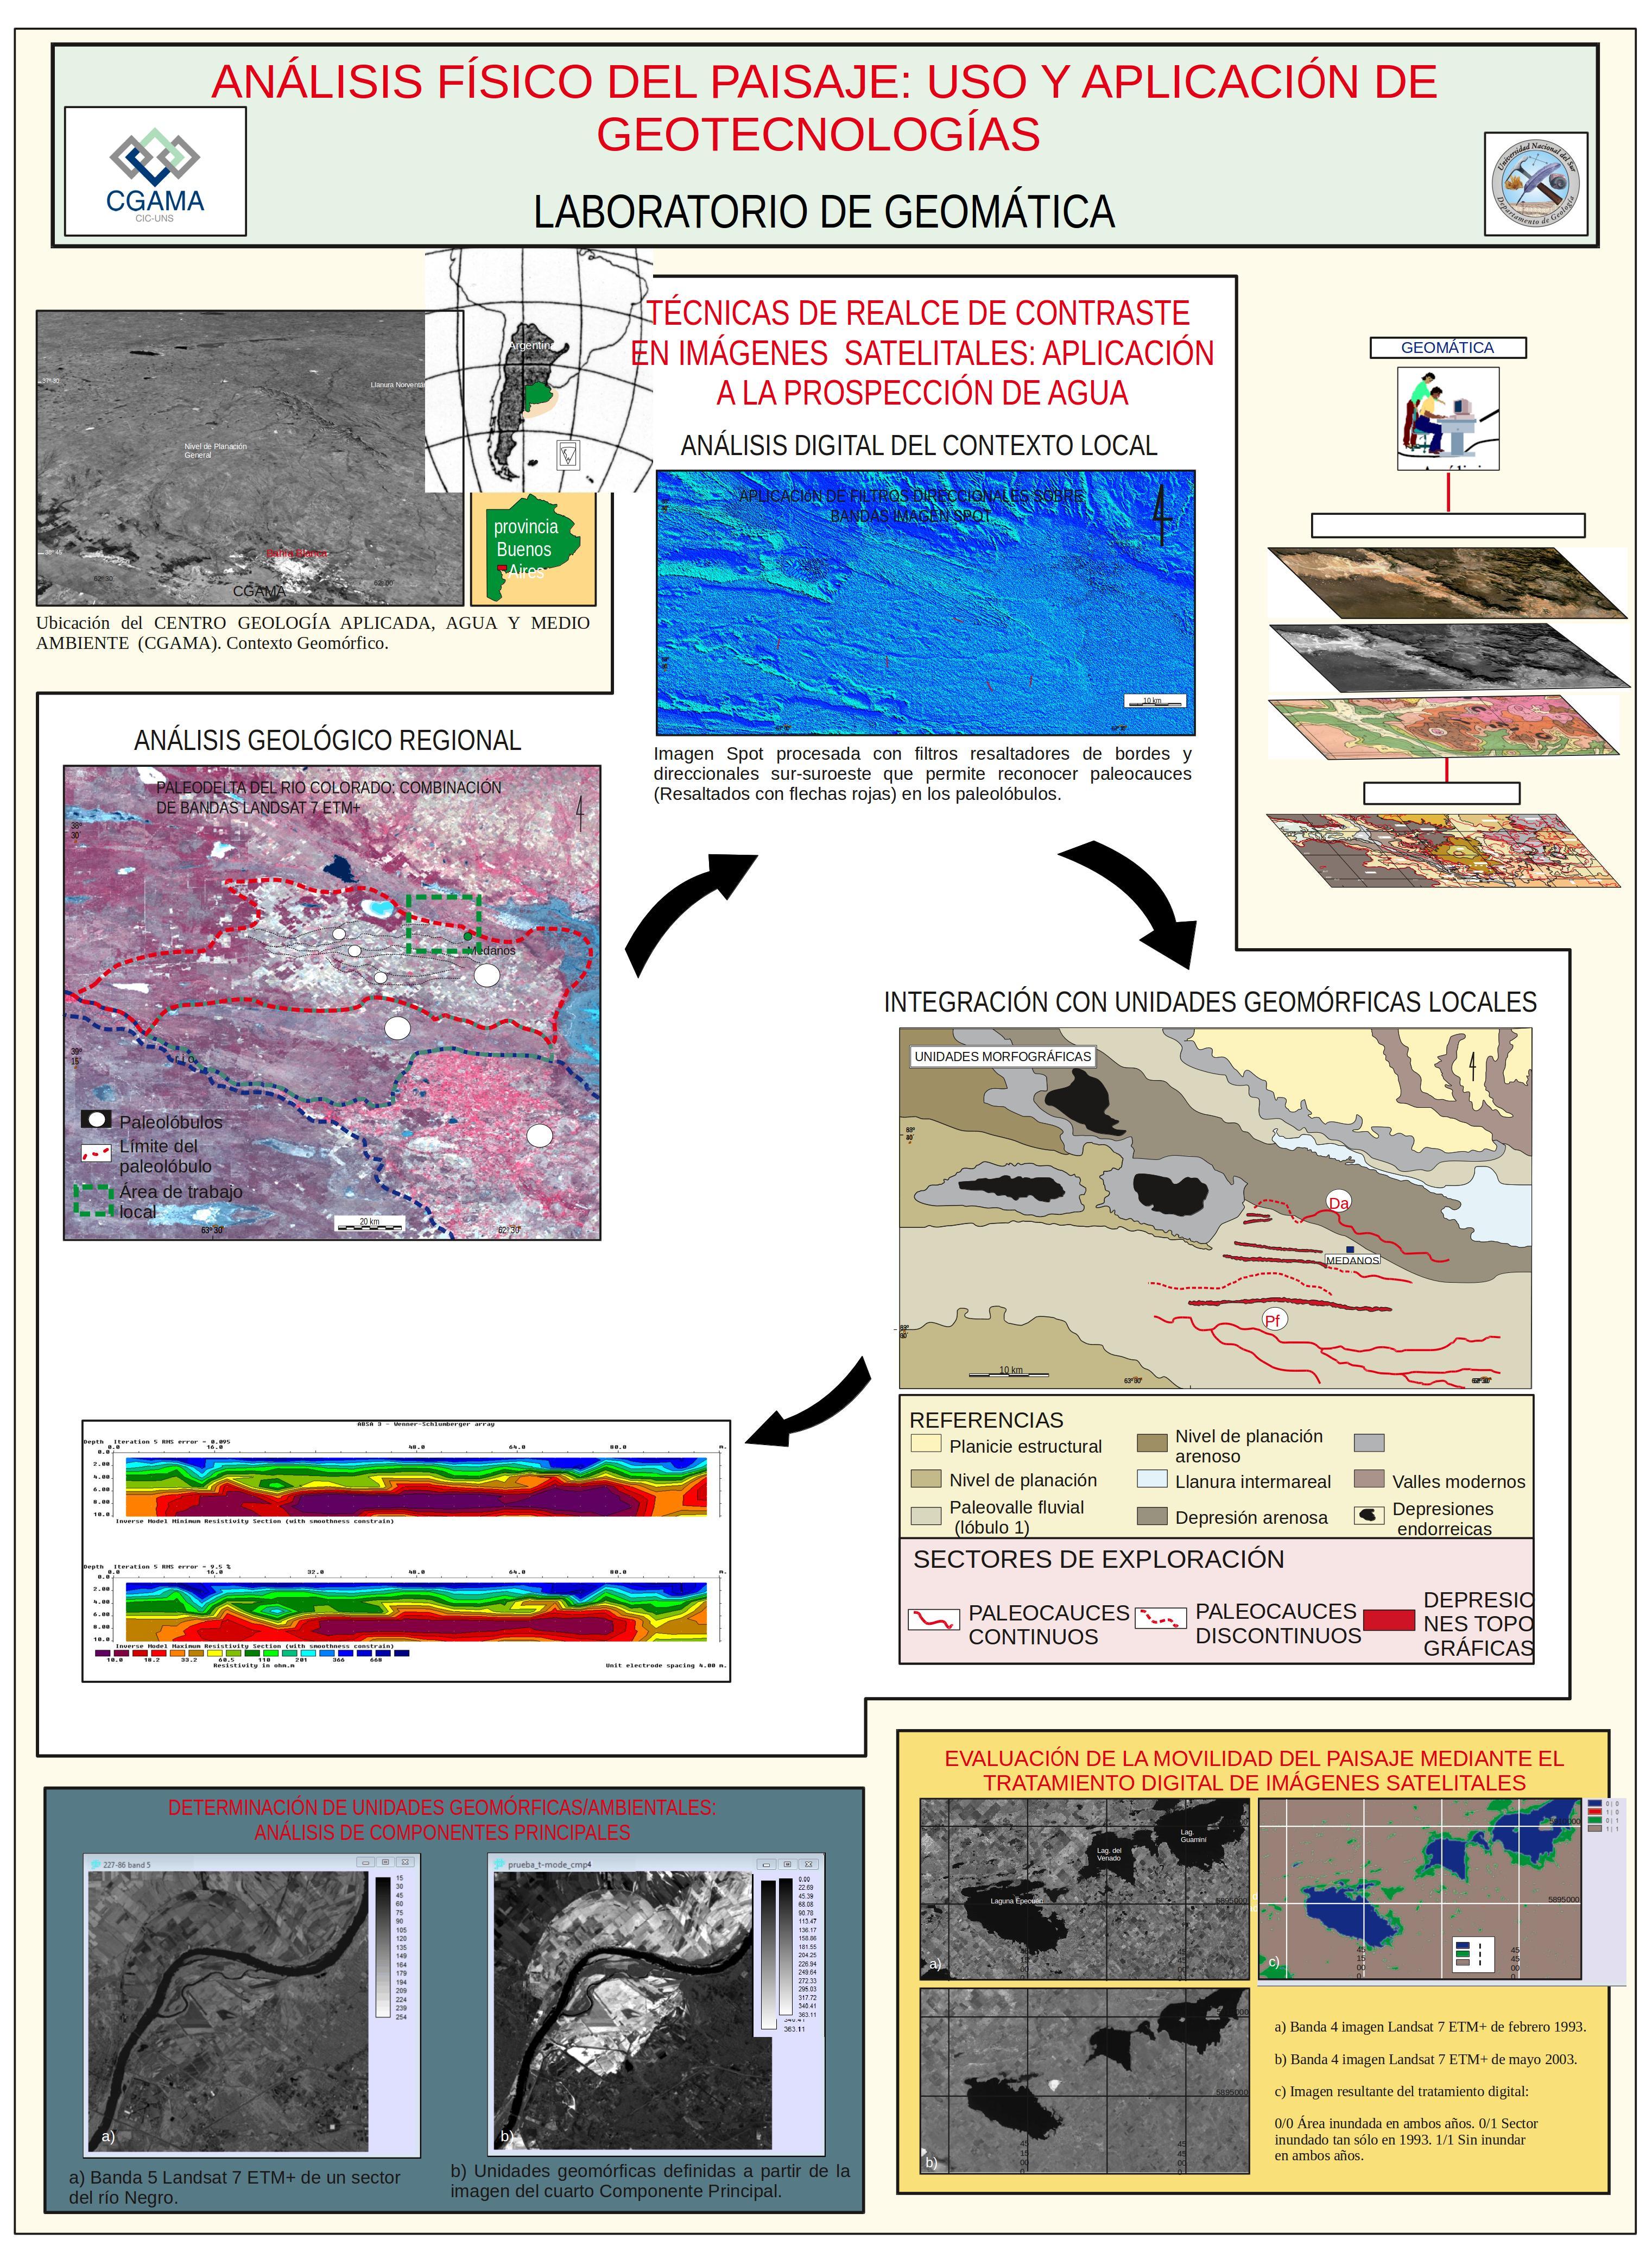 geomatica-con-imagen